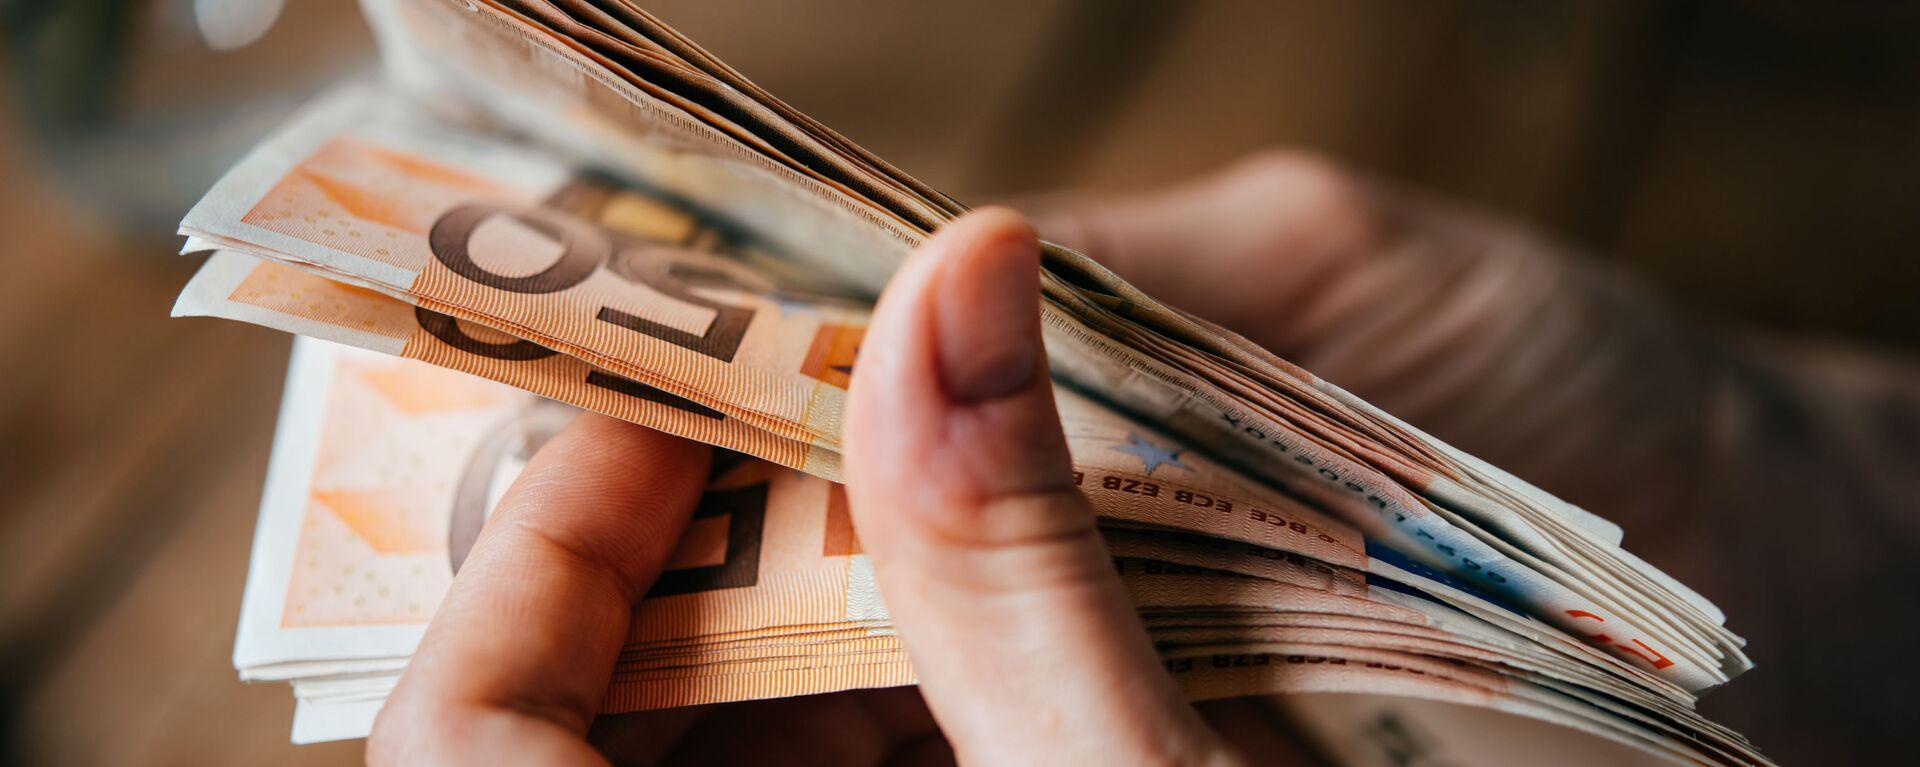 Banknoty euro w rękach - Sputnik Polska, 1920, 09.03.2021